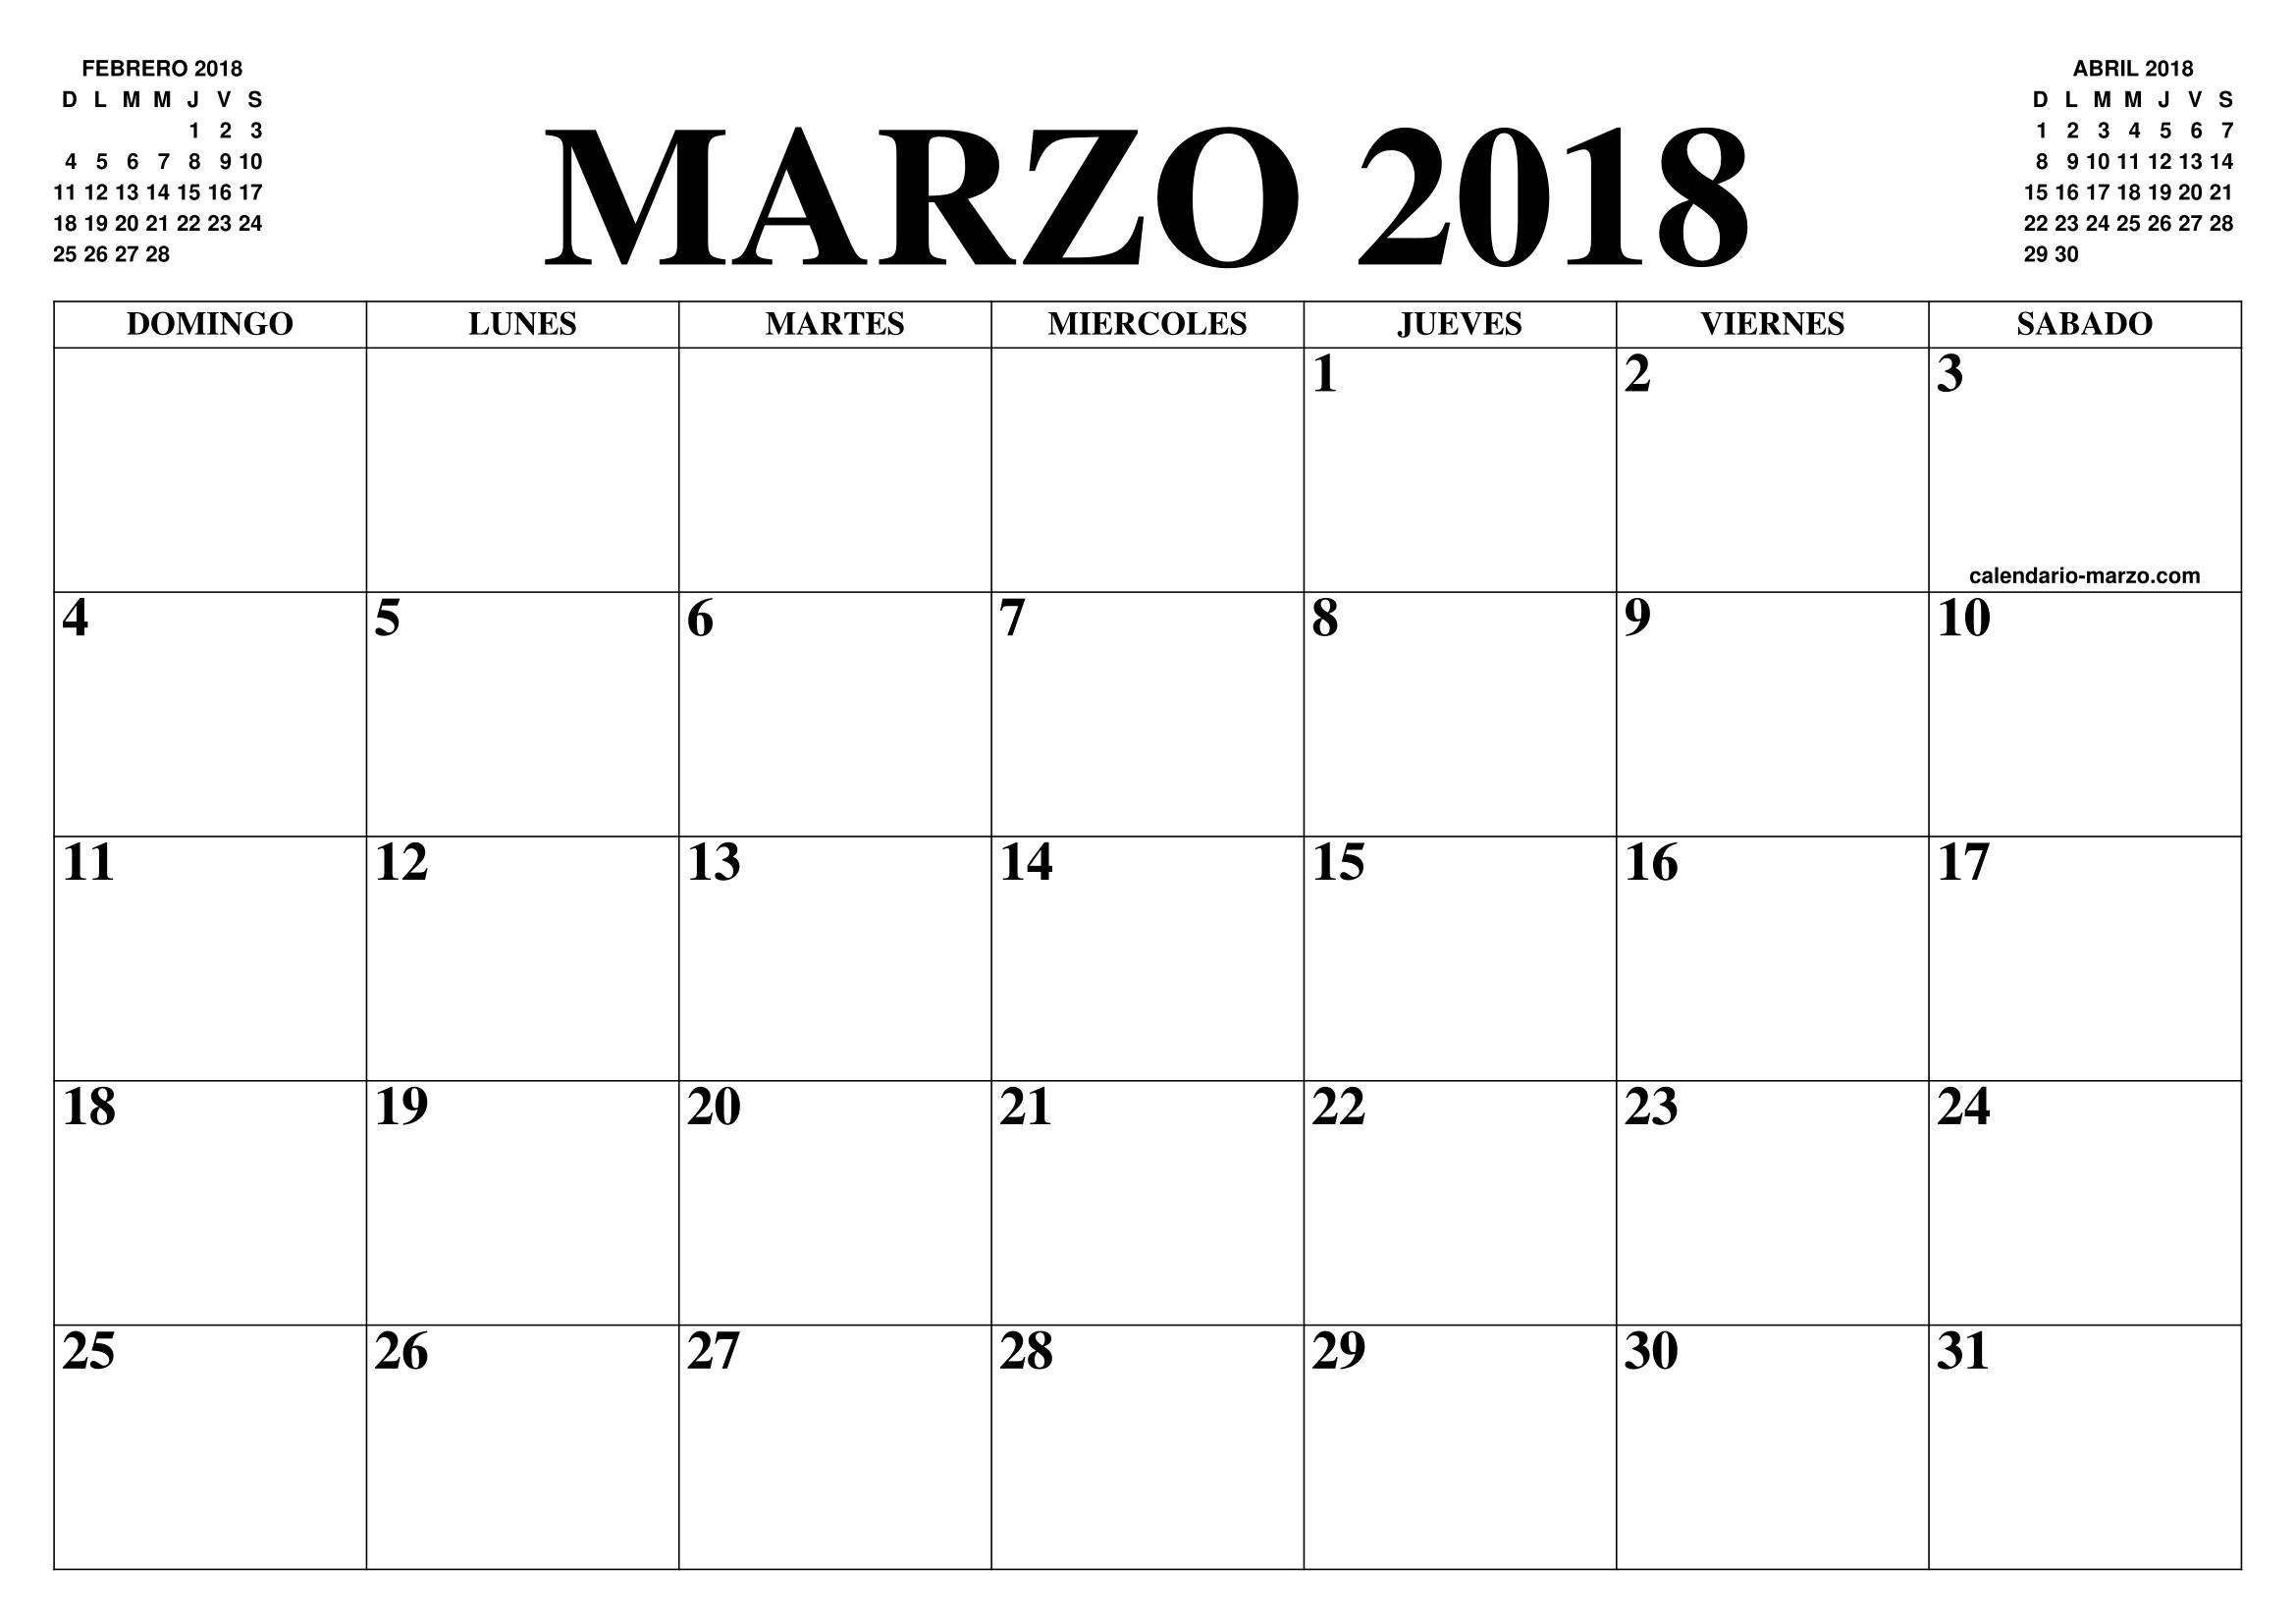 CALENDARIO MARZO 2018 2019 EL CALENDARIO MARZO 2018 2019 PARA IMPRIMIR GRATIS